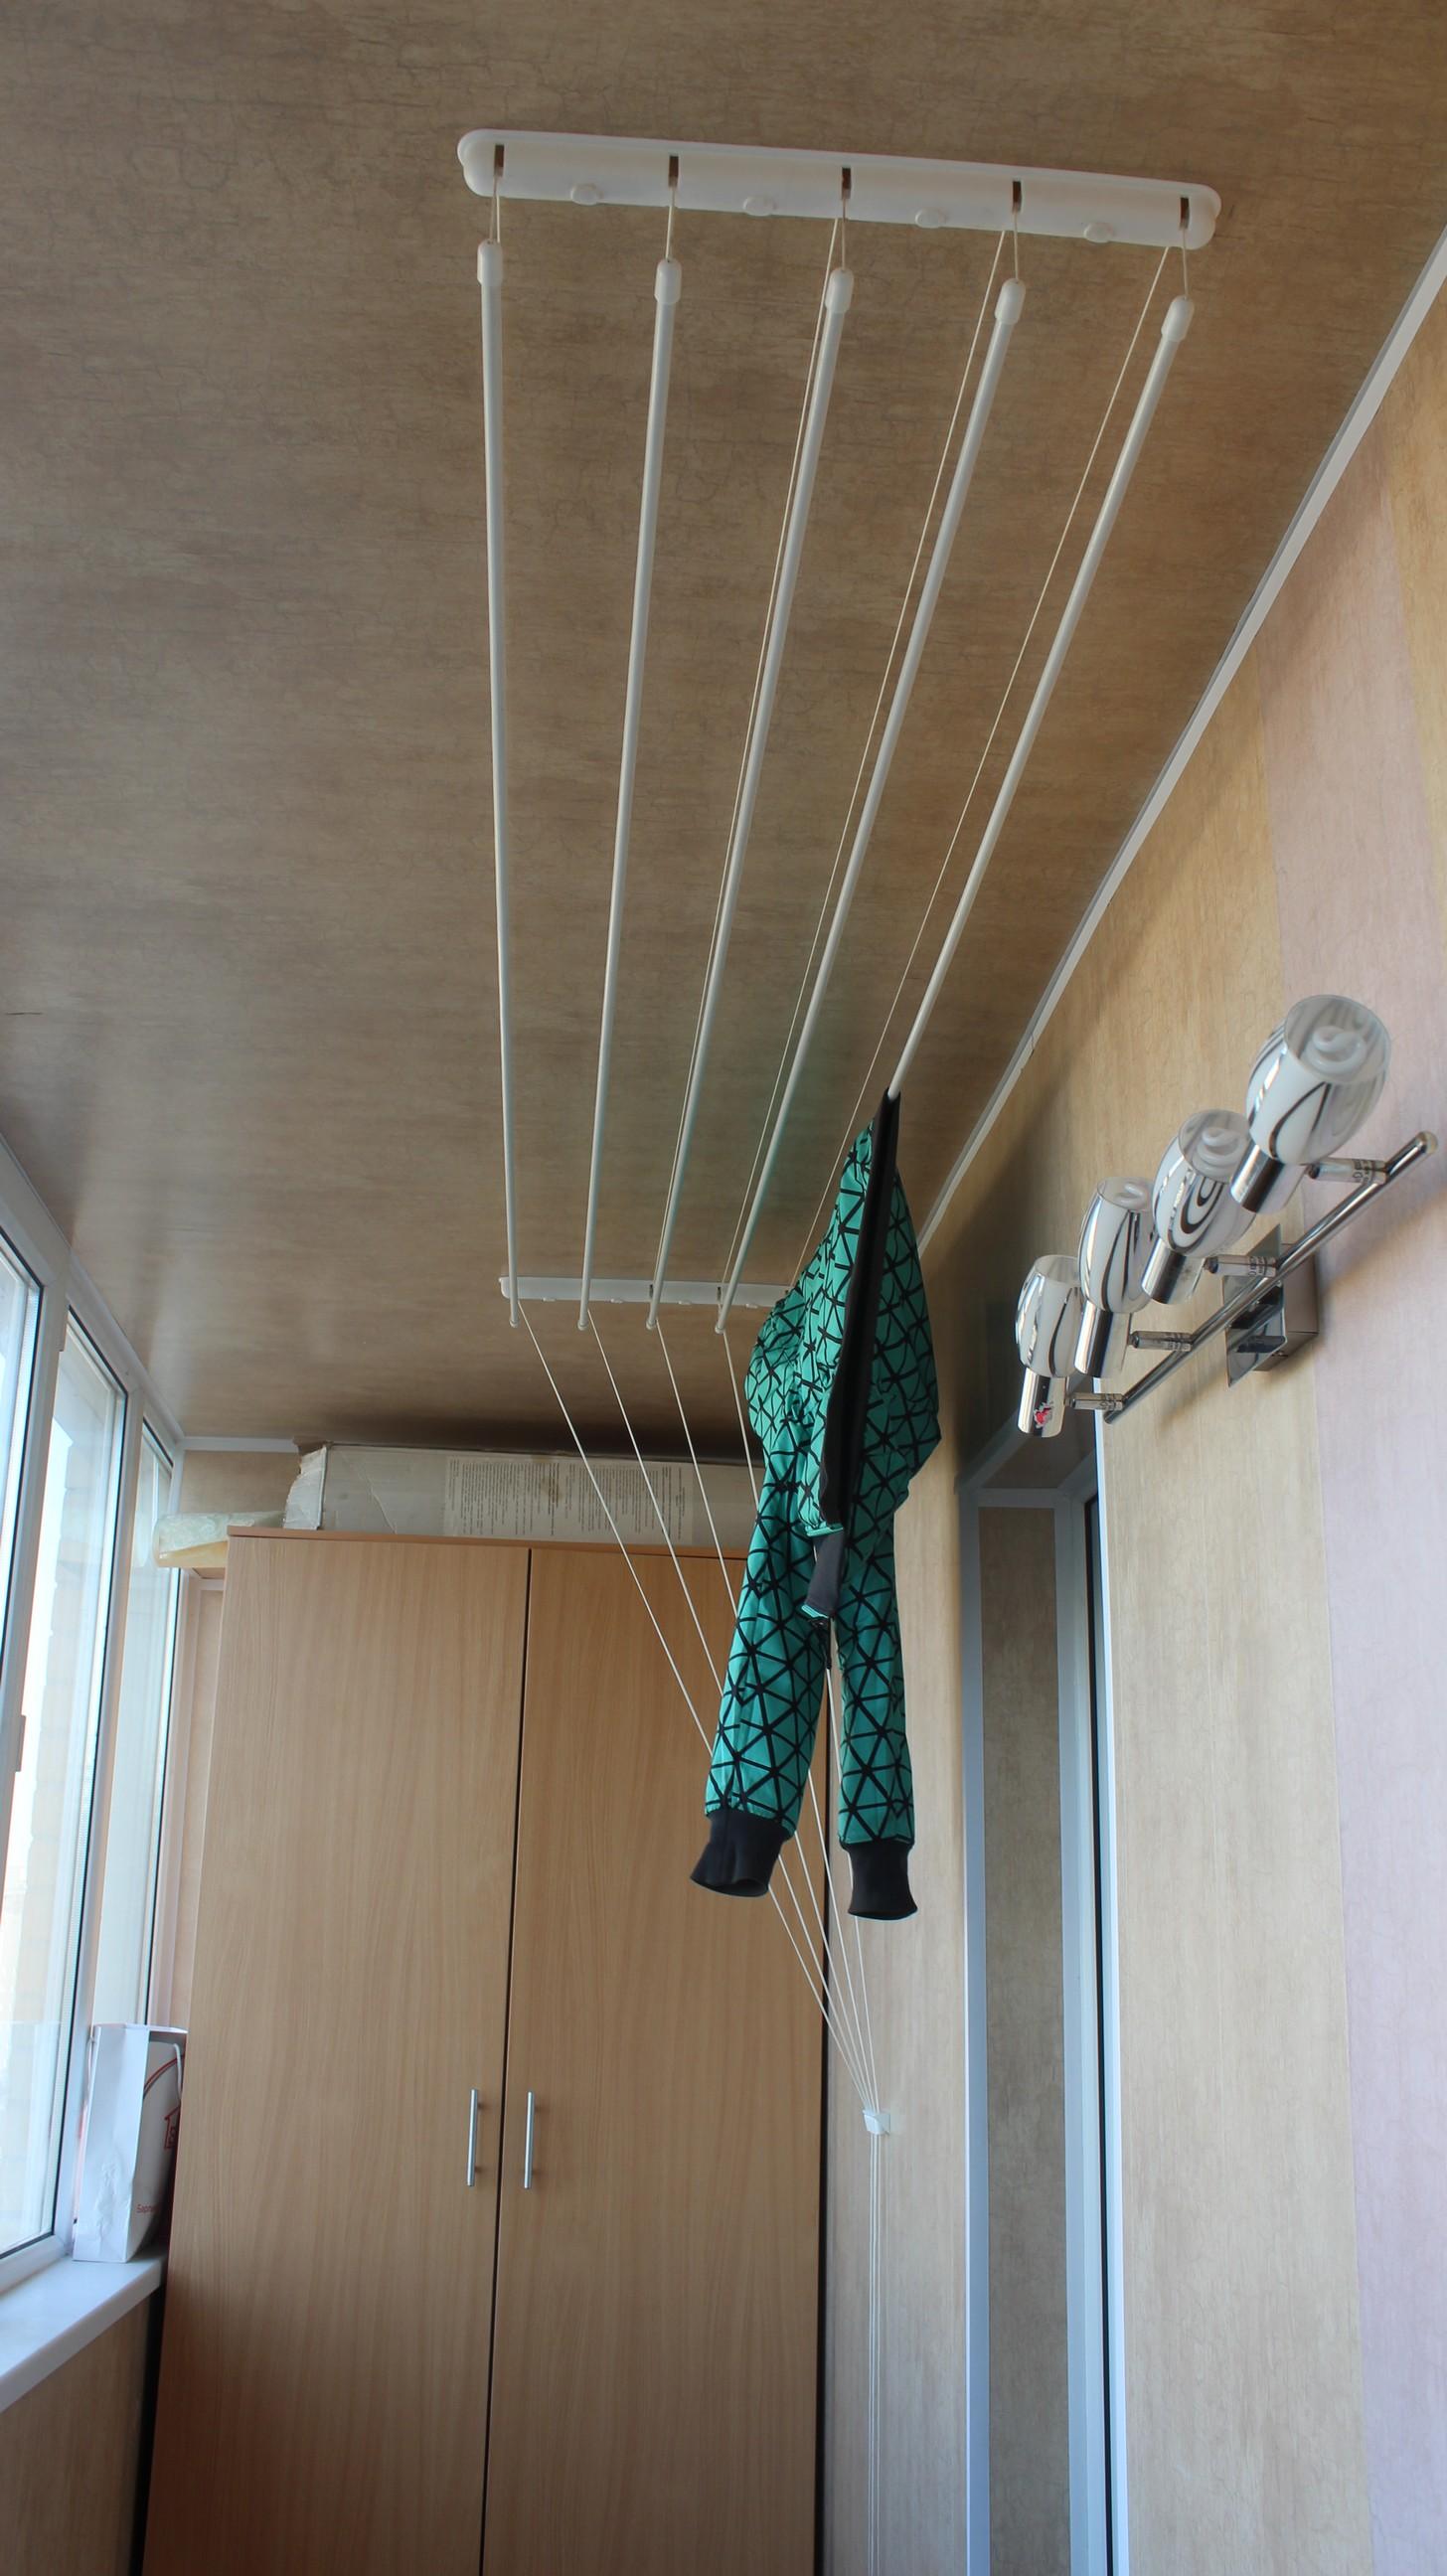 Потолочная сушилка для белья Лифт 22.jpg